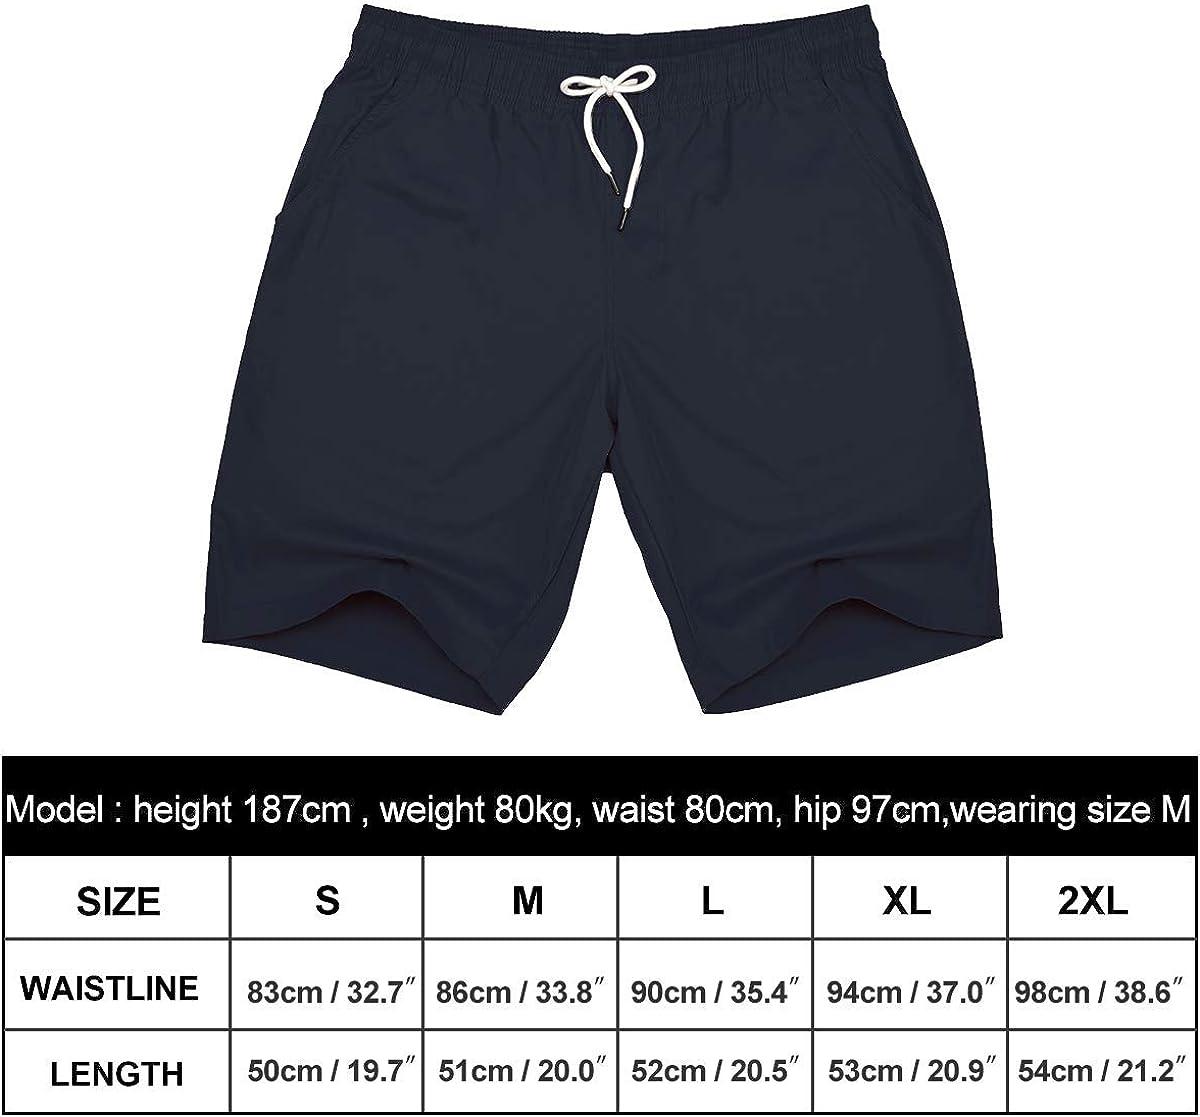 Arcweg Shorts Herren Kurze Hose Chino Elastisch Atmungsaktiv Freizeit Shorts Sommer Baumwolle Sport Shorts Jungen Mit Gummizug Wanderhose Regular Fit